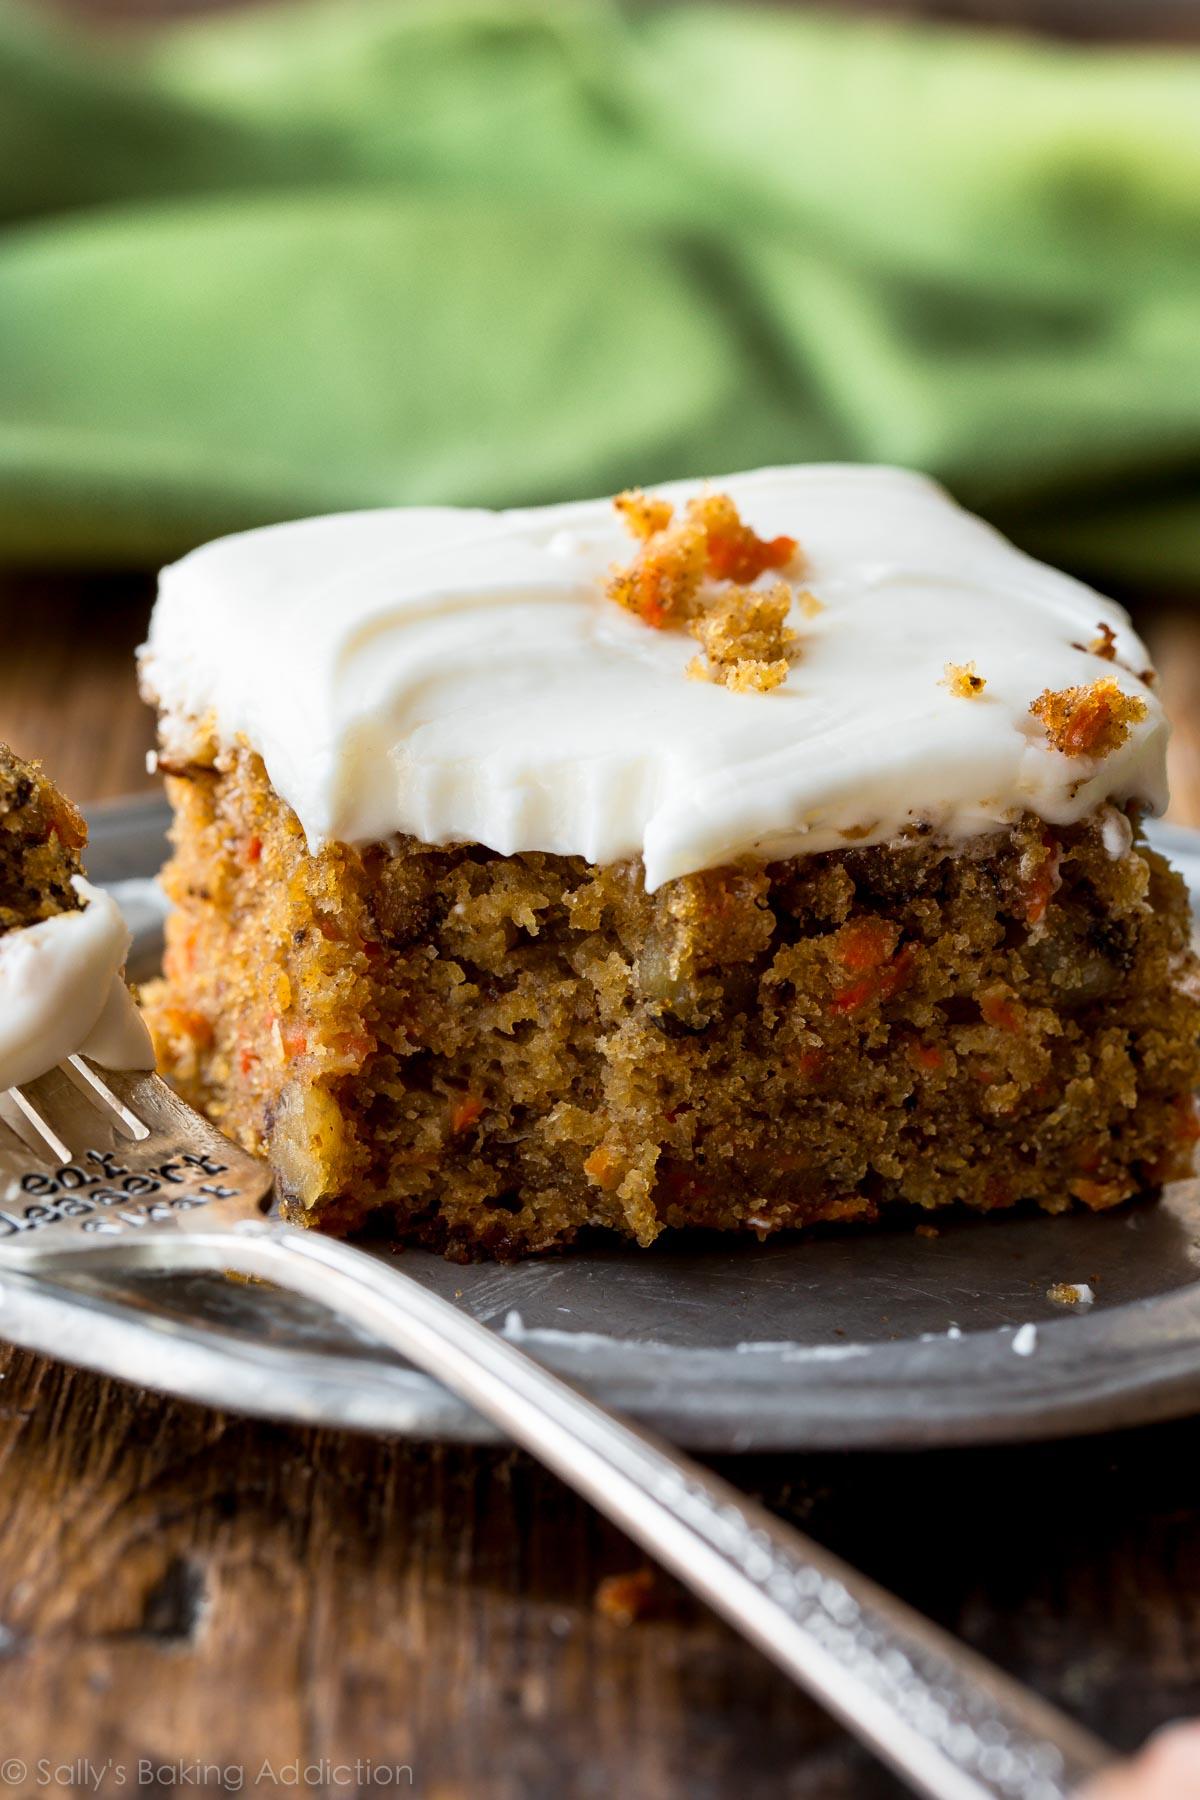 La meilleure recette de gâteau aux carottes est ce gâteau aux carottes à l'ananas avec un glaçage au fromage à la crème! Moelleux, épicé et si facile! Dessert de Pâques sur sallysbakingaddiction.com